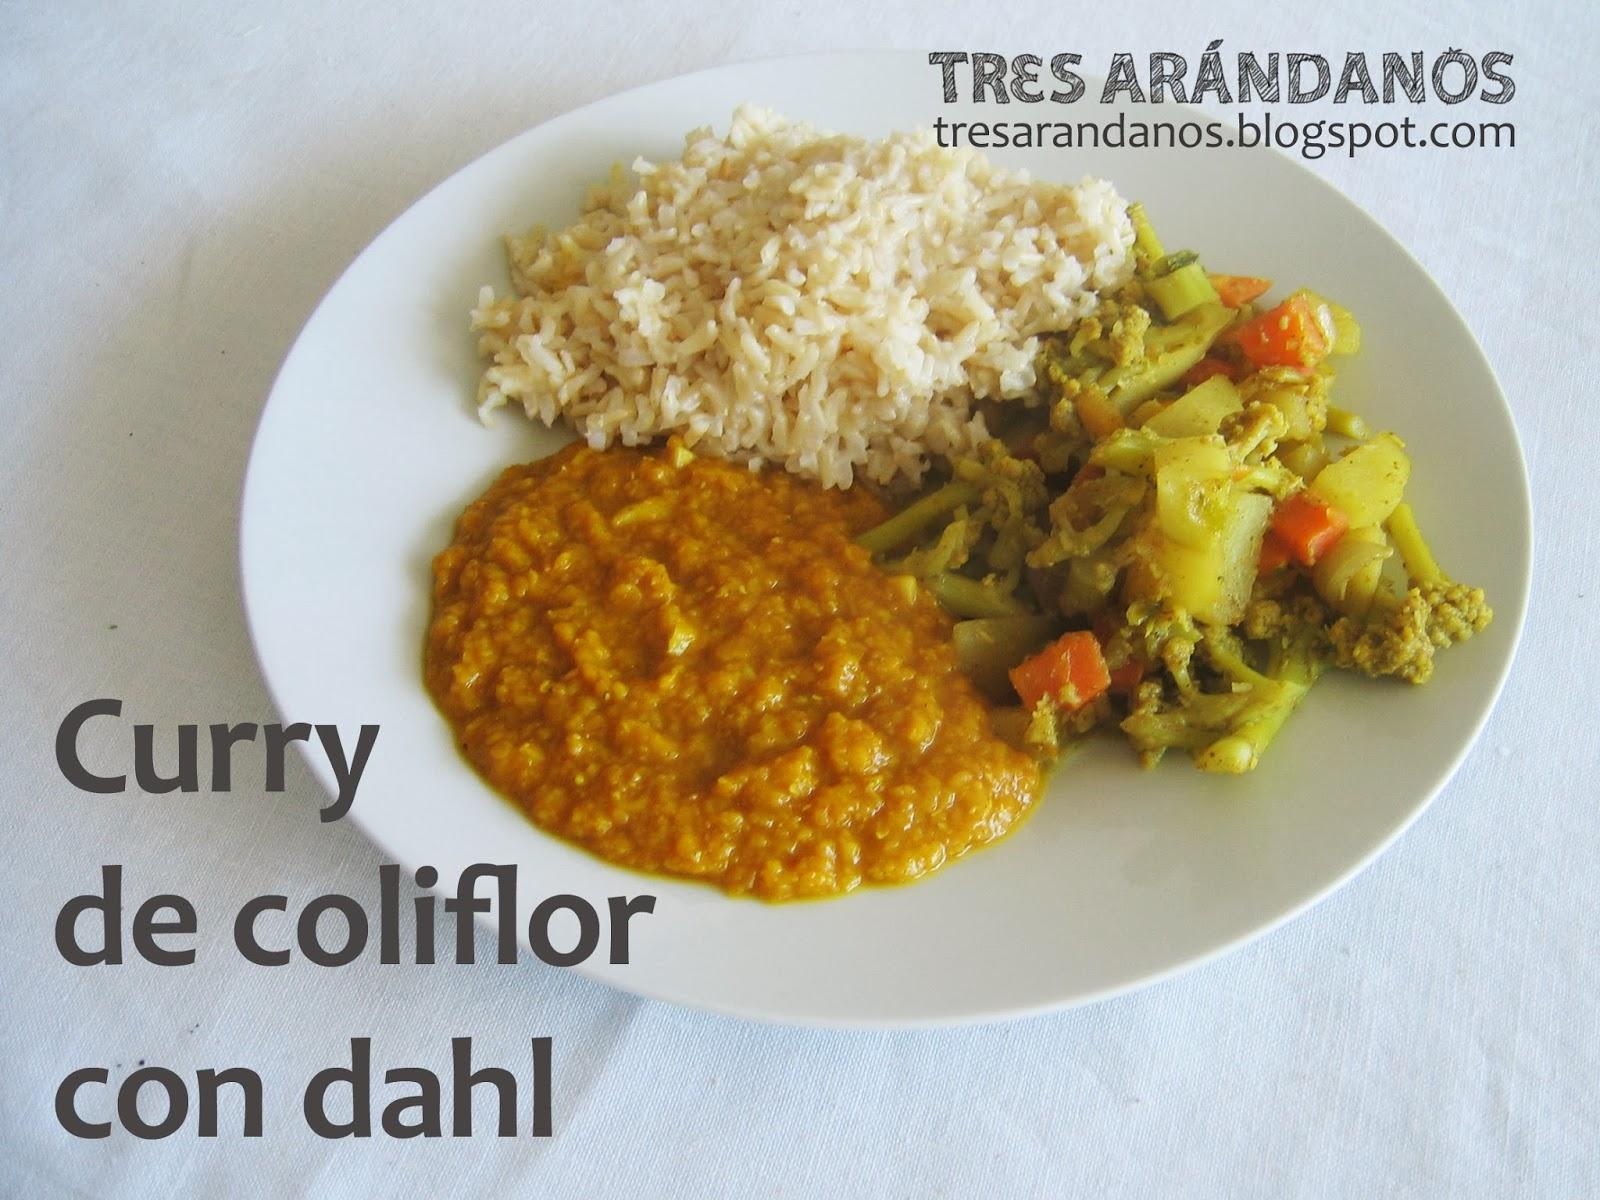 receta de curry con dahl y arroz basmati